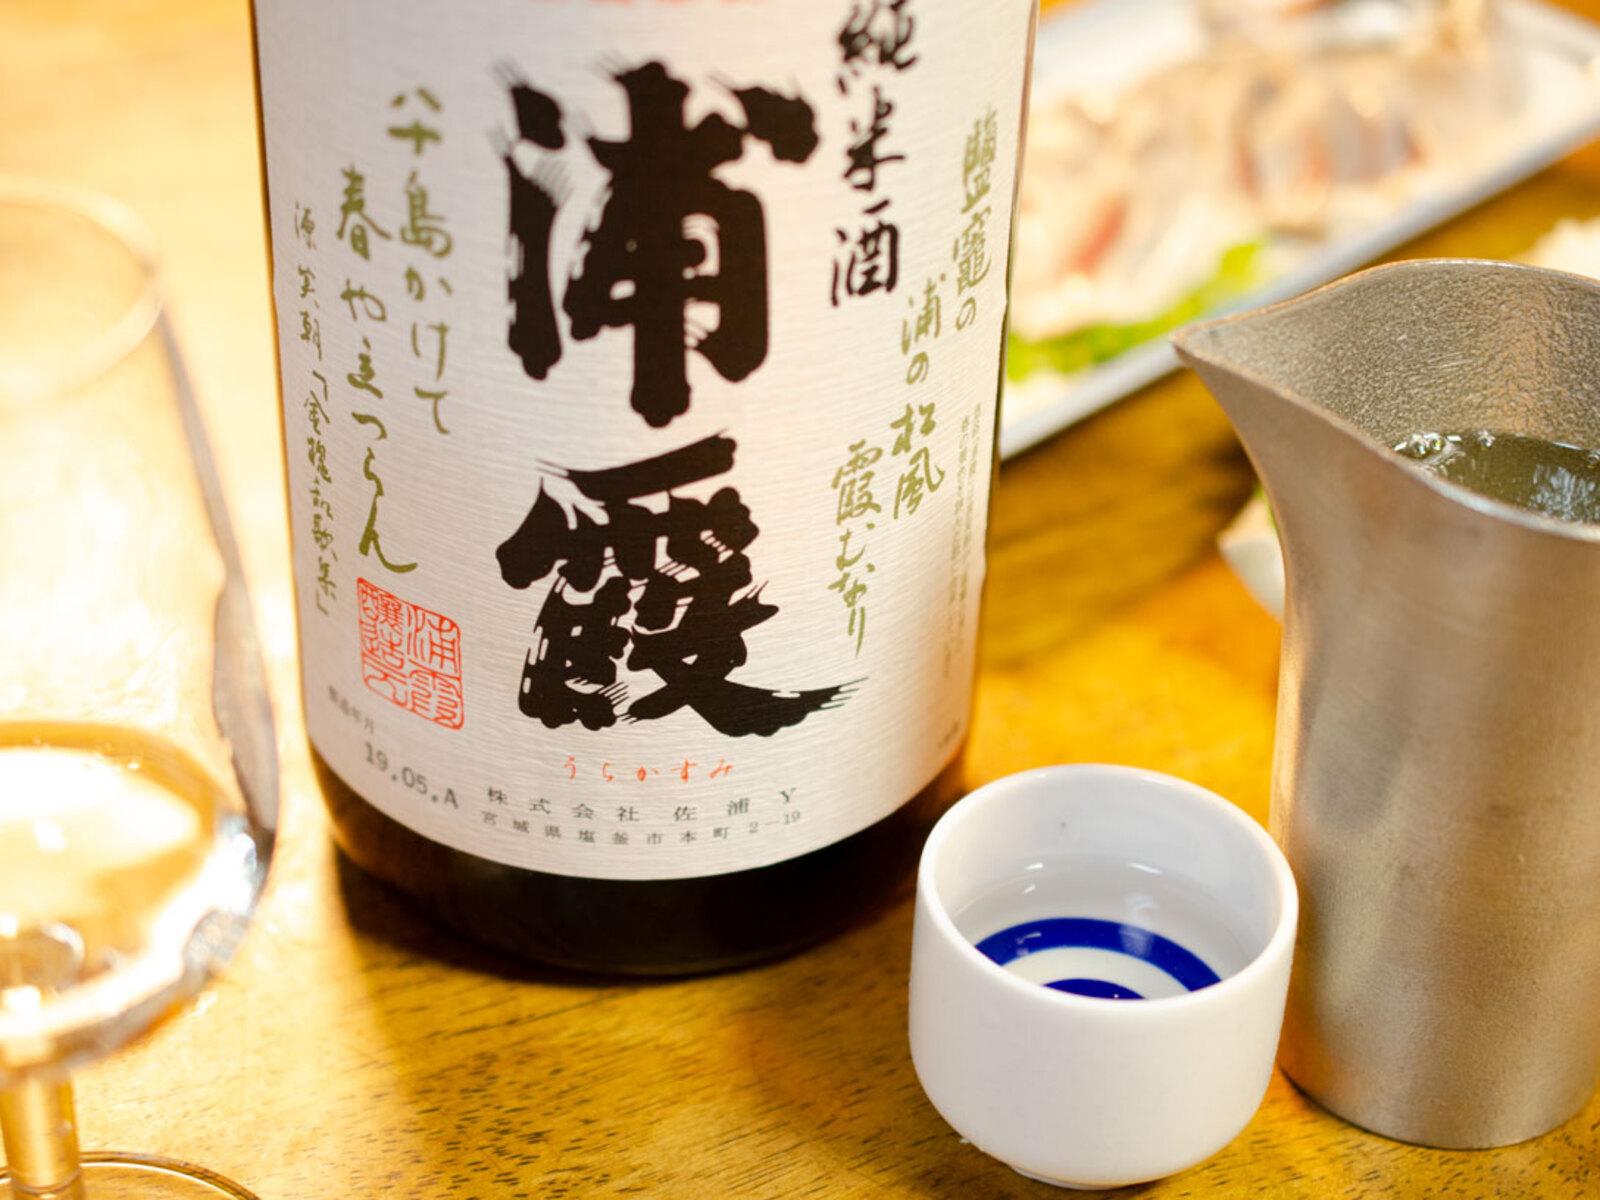 佐浦 浦霞 純米酒